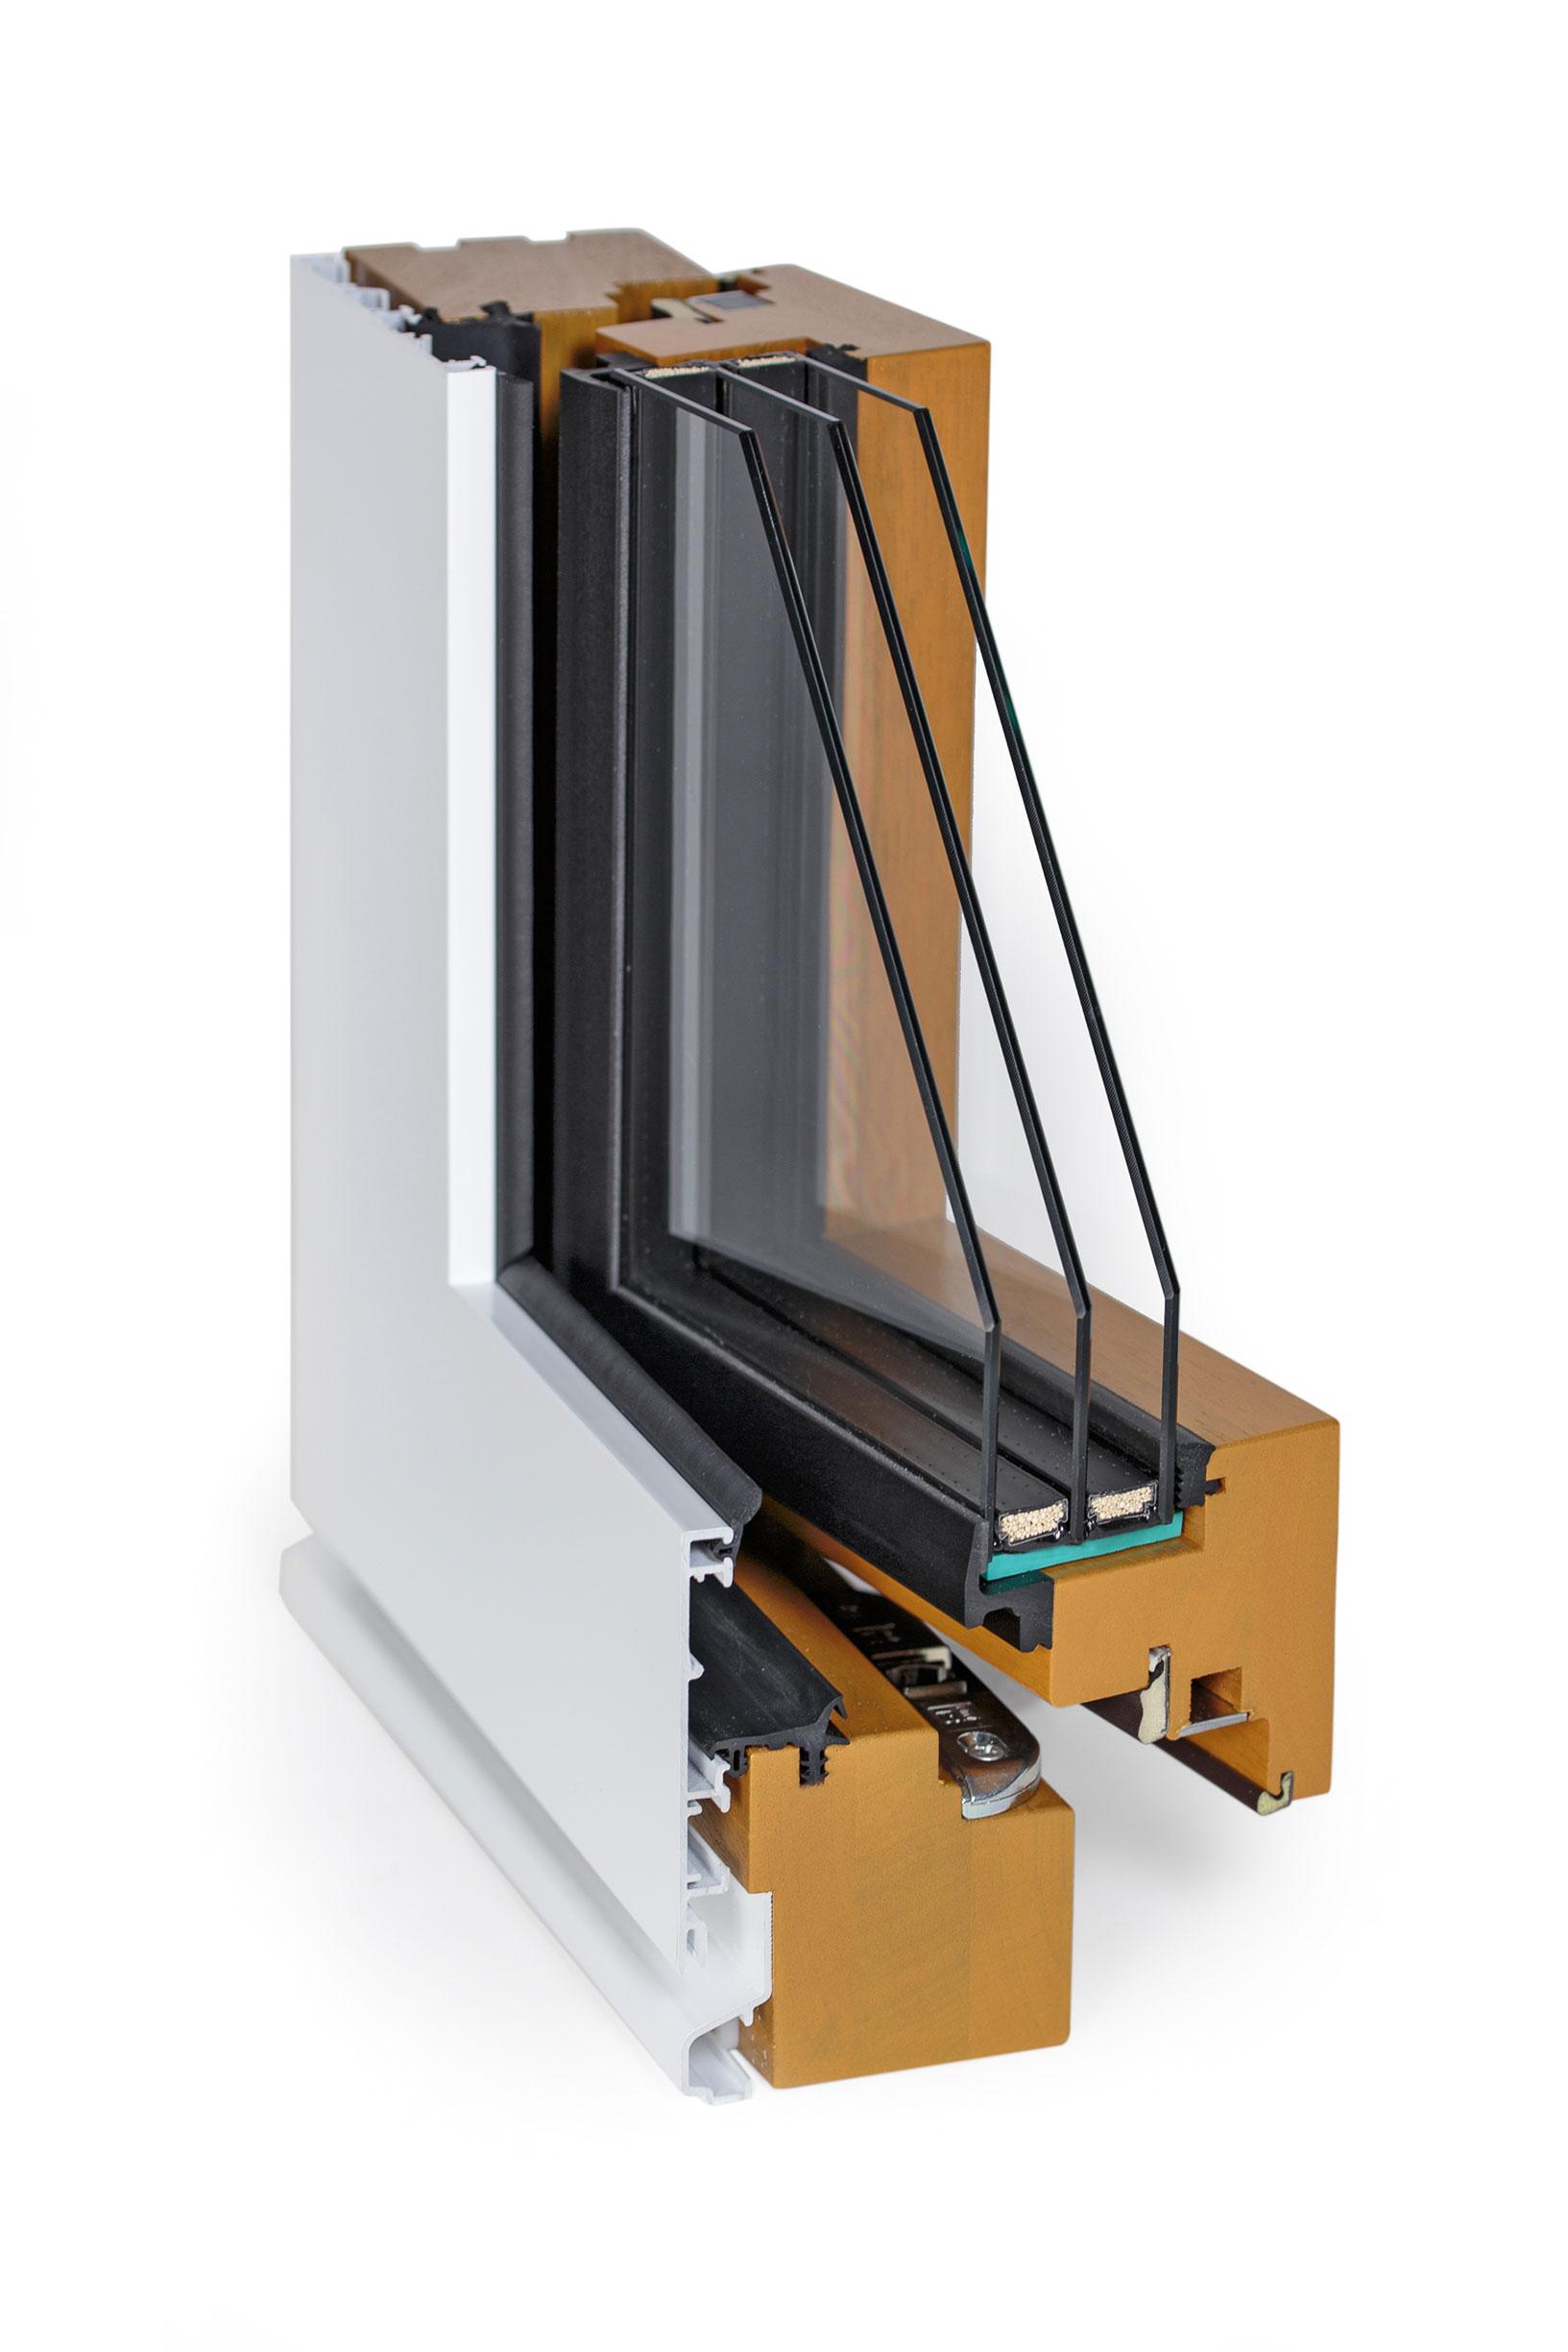 Full Size of Fenster Holz Alu Hersteller Oder Kunststofffenster Preisunterschied Kosten Erfahrungen Holz Alu Fenster Welche Kunststoff Preisvergleich Kostenvergleich Fenster Fenster Holz Alu